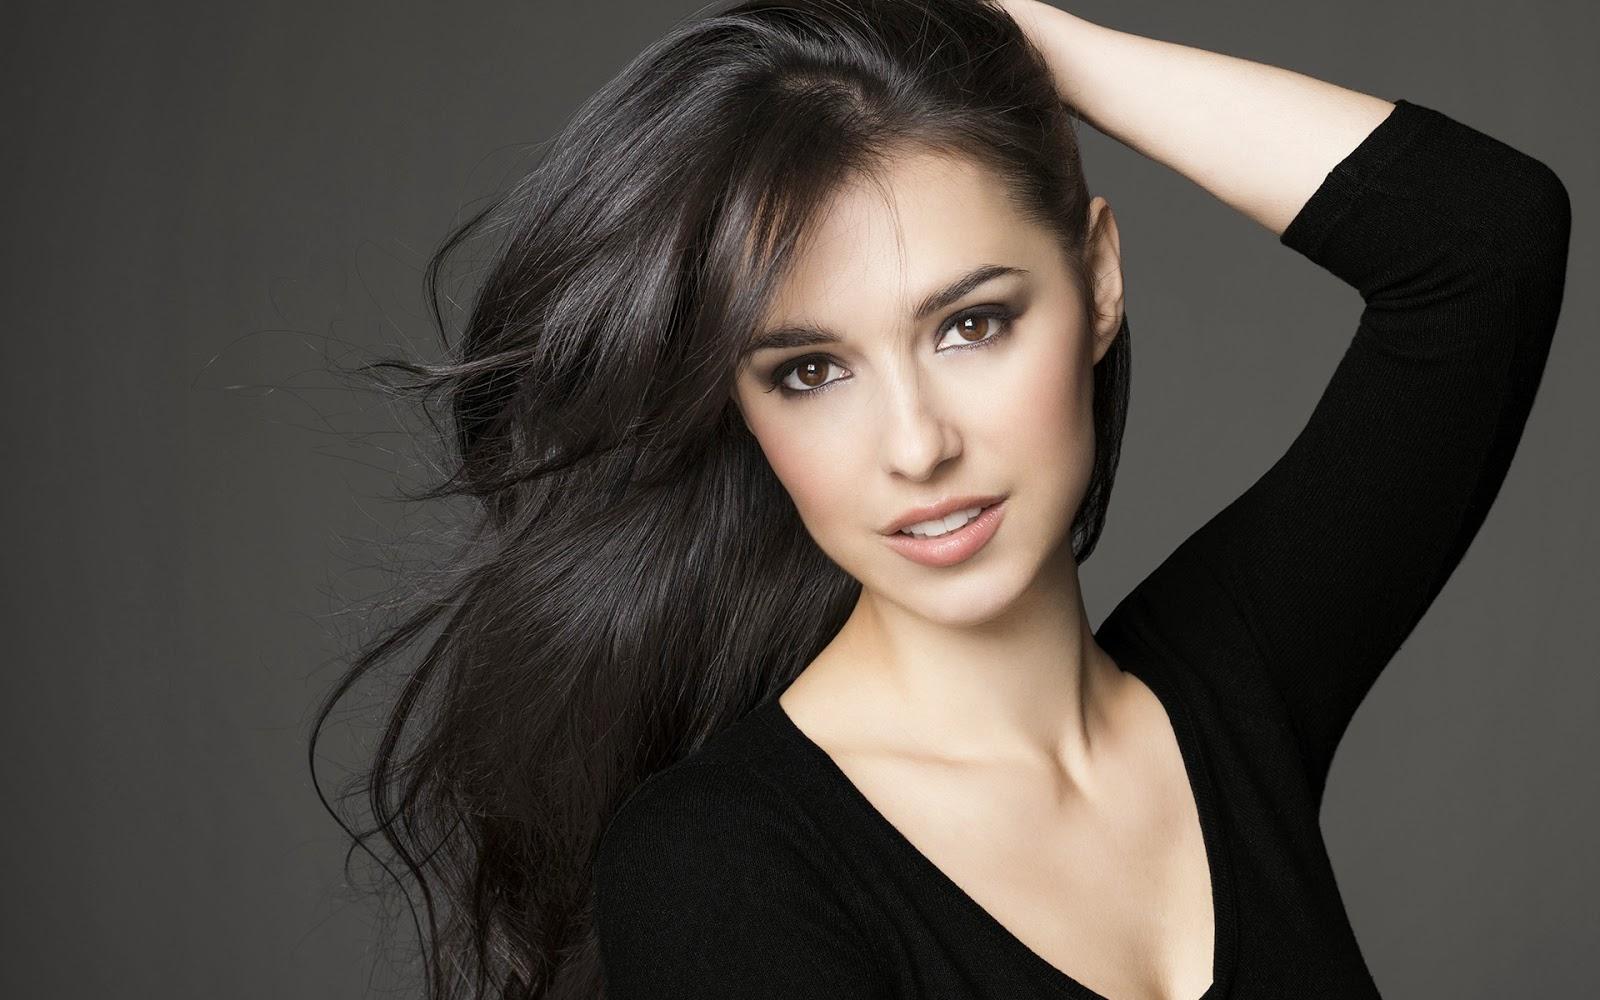 Cristina Tiberia